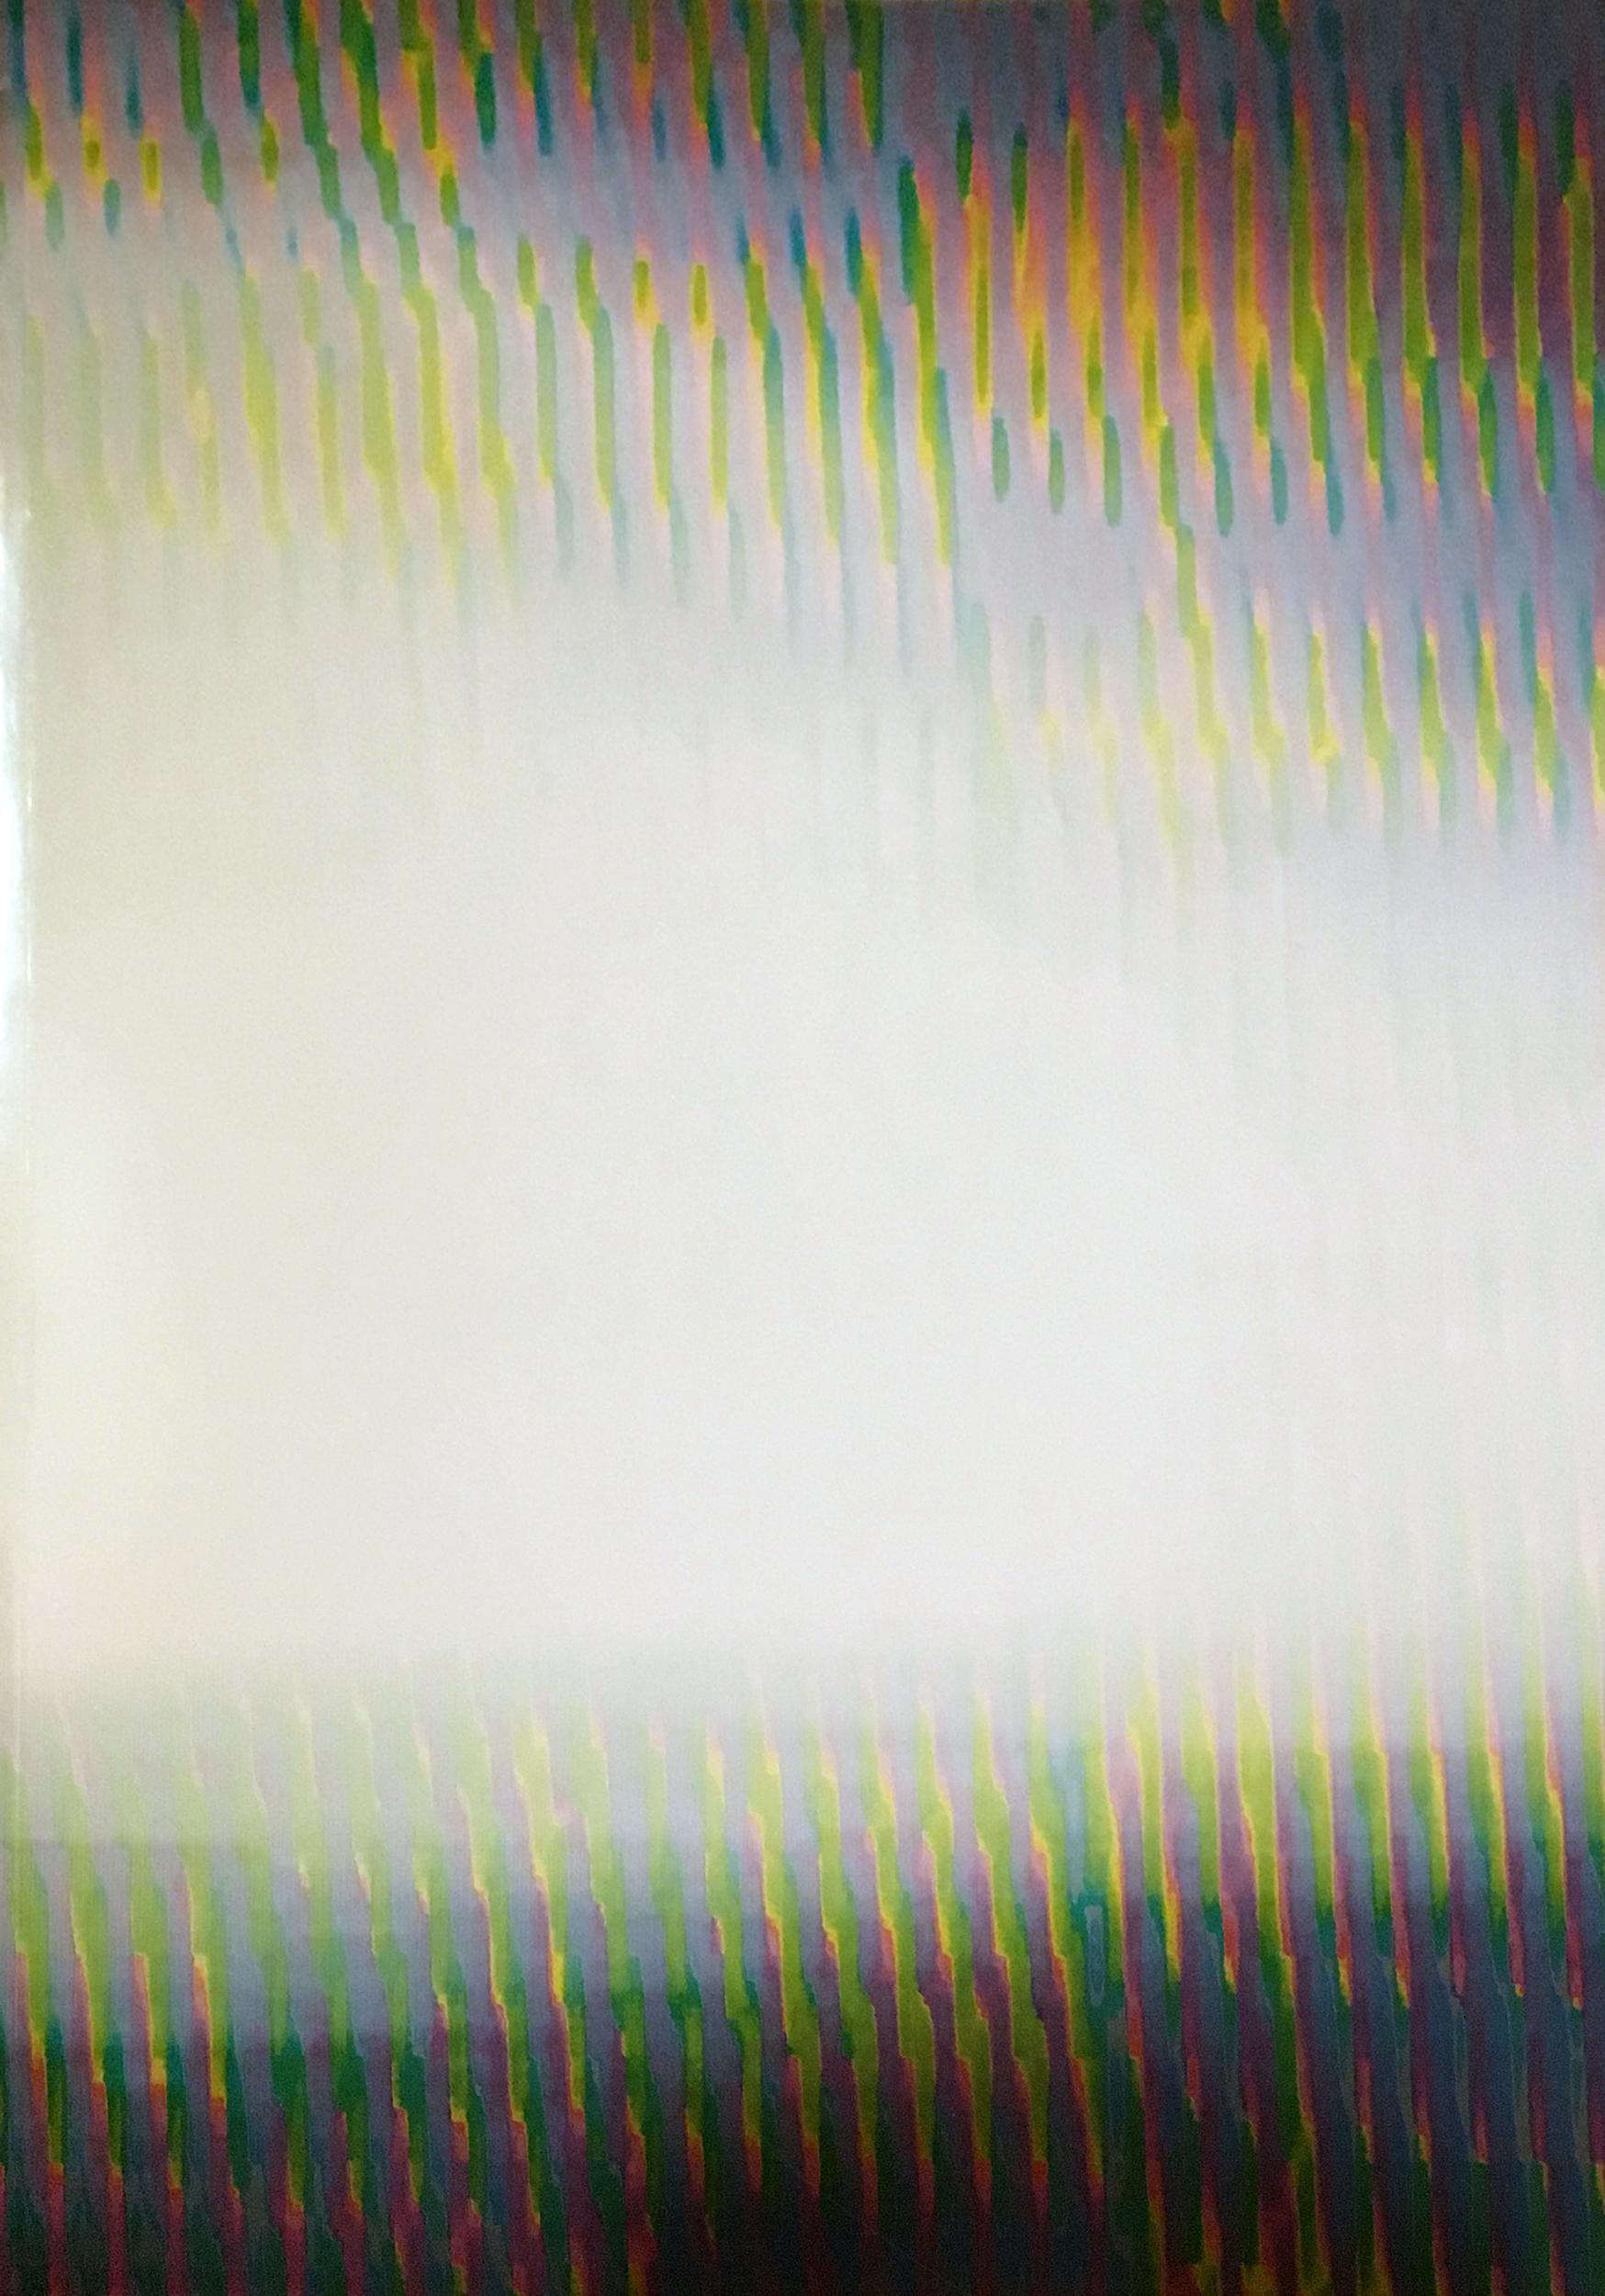 Cover des Katalogs »Games and Politics«: ein spiegelndes Cover mit Strukturen in Regenbogenfarben